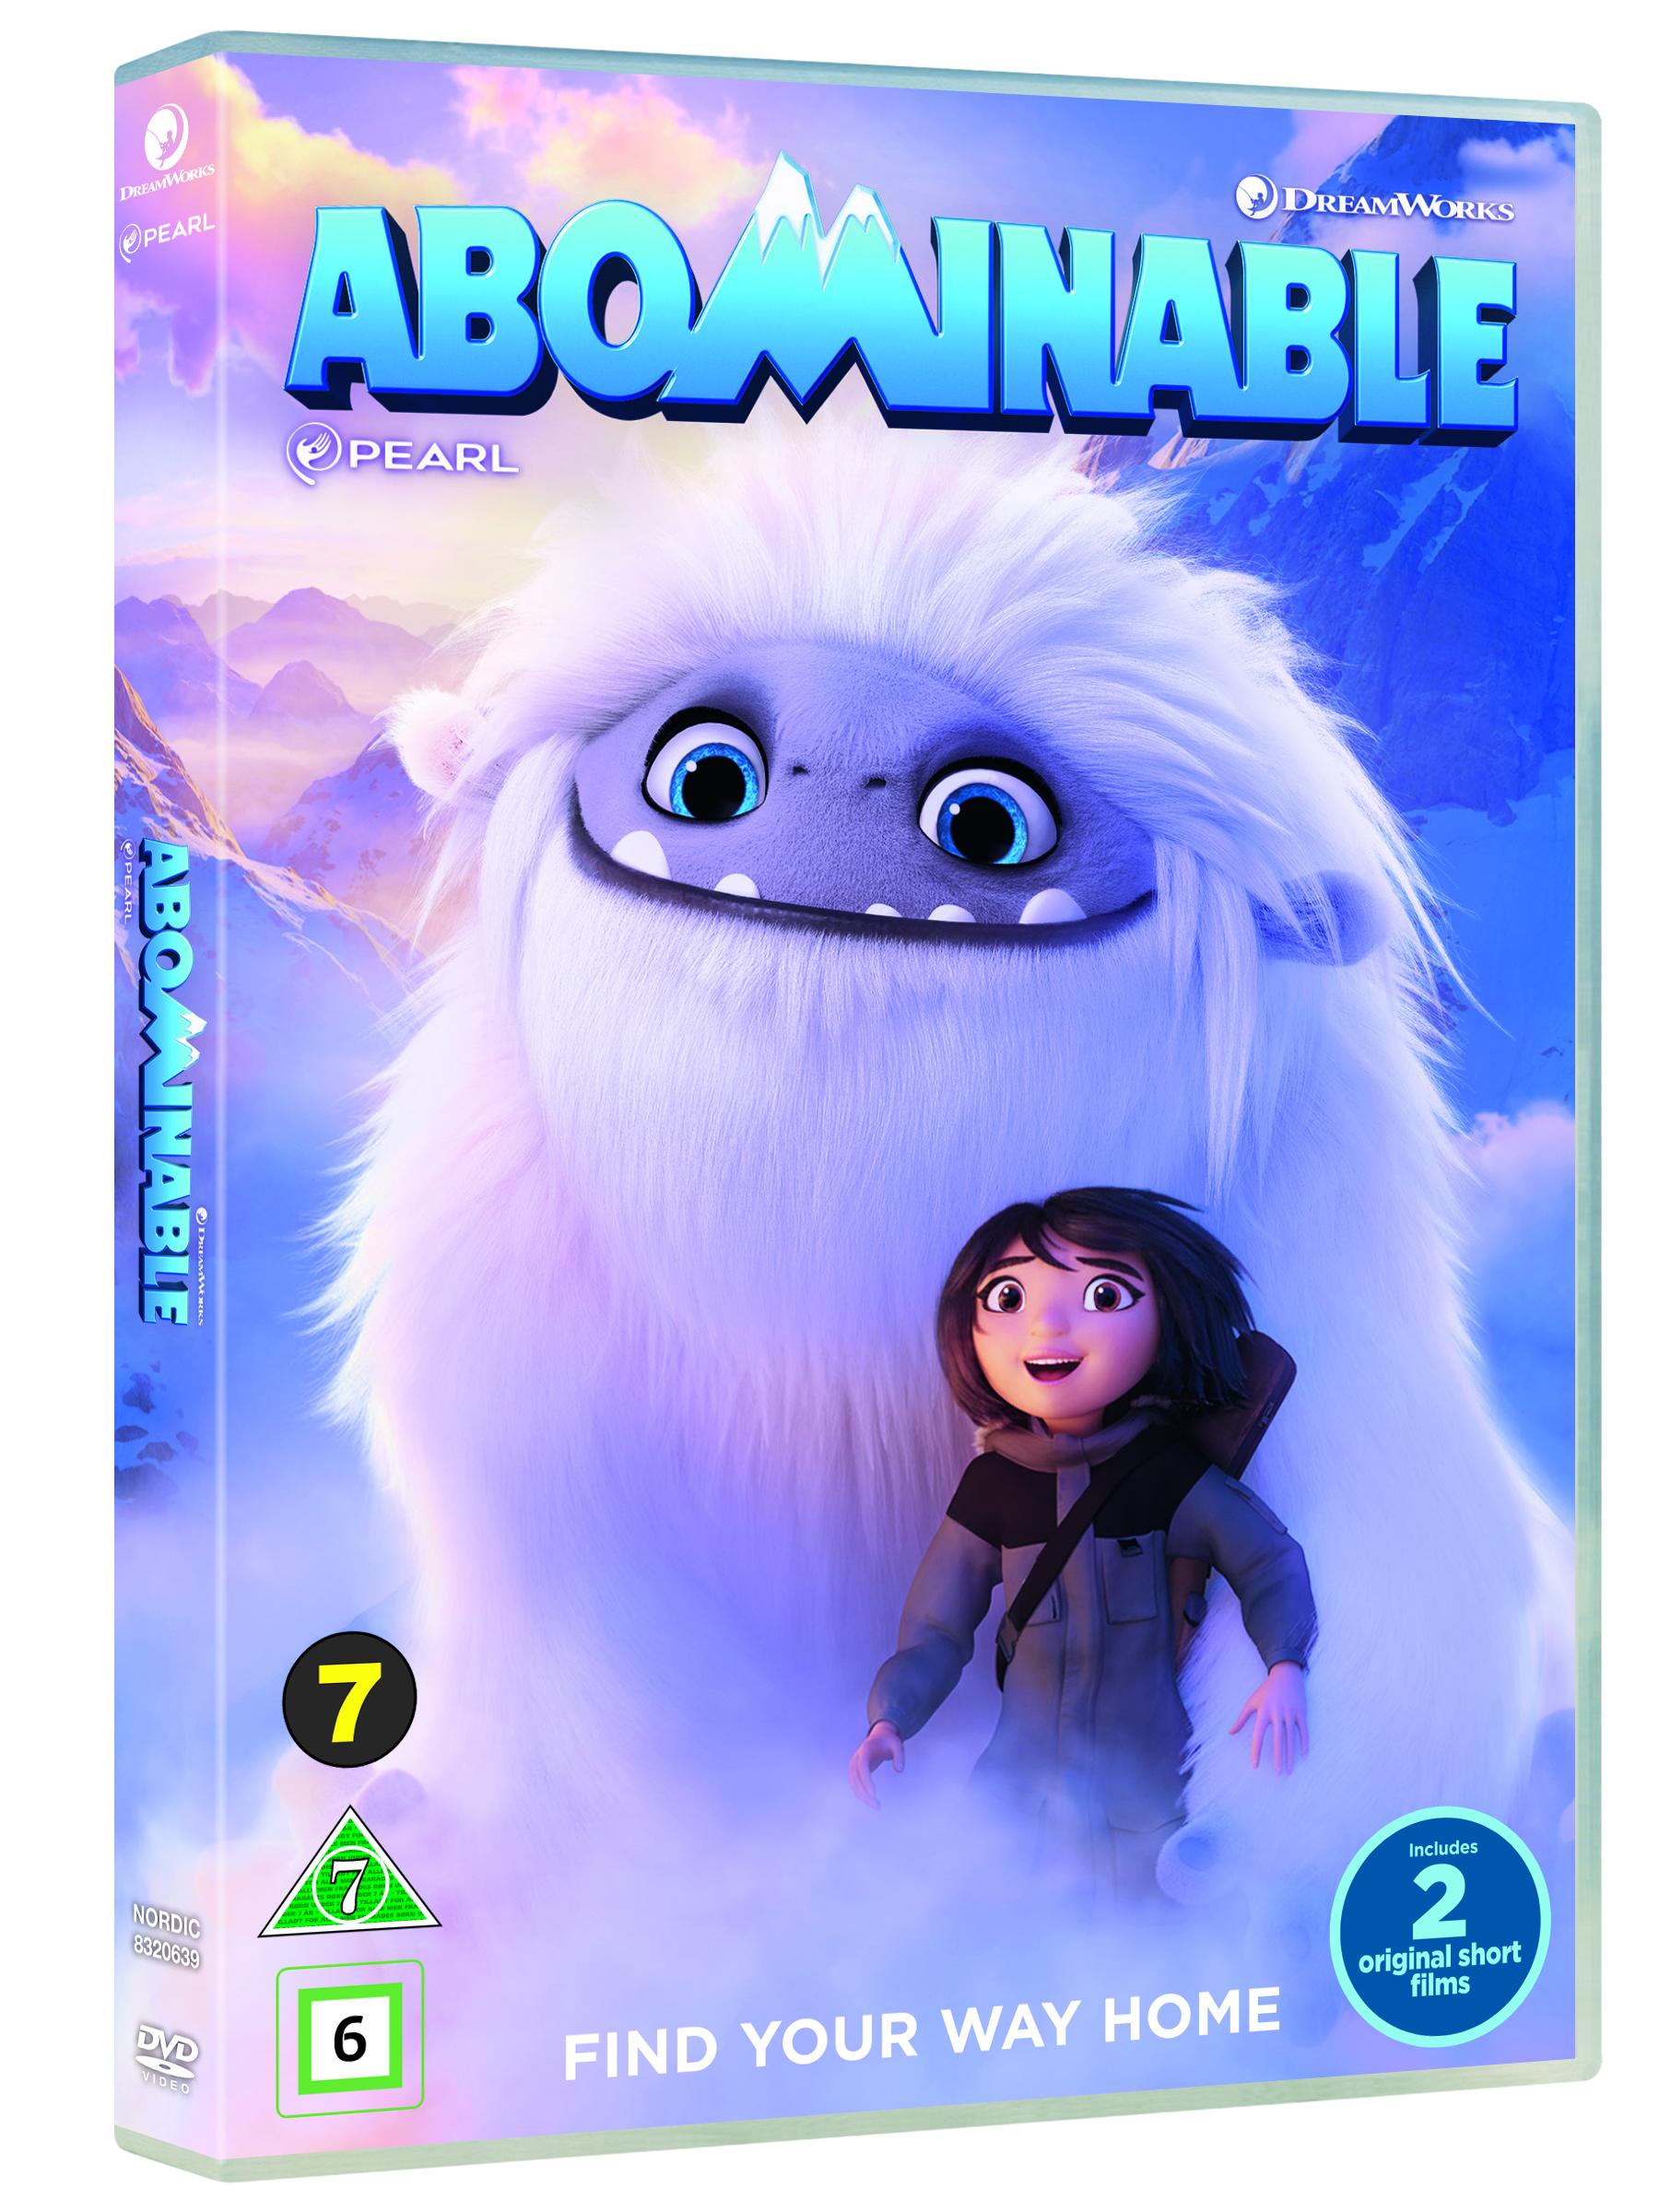 Abominable / Den Lille Afskyelige Snemand -  - Film -  - 5053083206390 - 12/3-2020